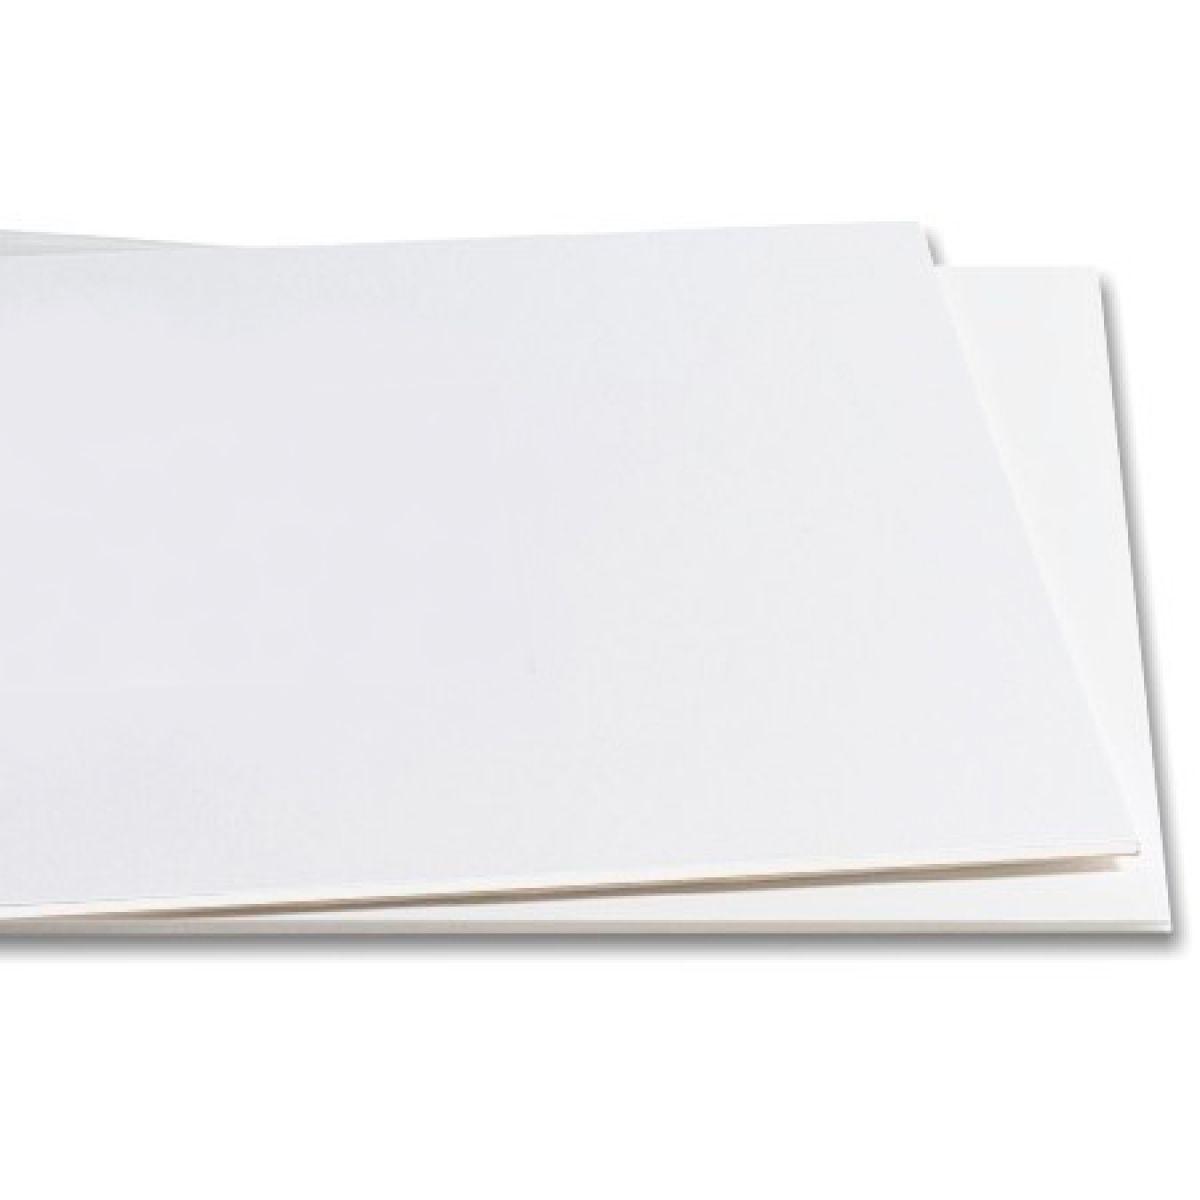 Papel Couche Brilho 300g A4 Embalagem Com 010 Folhas Phandora